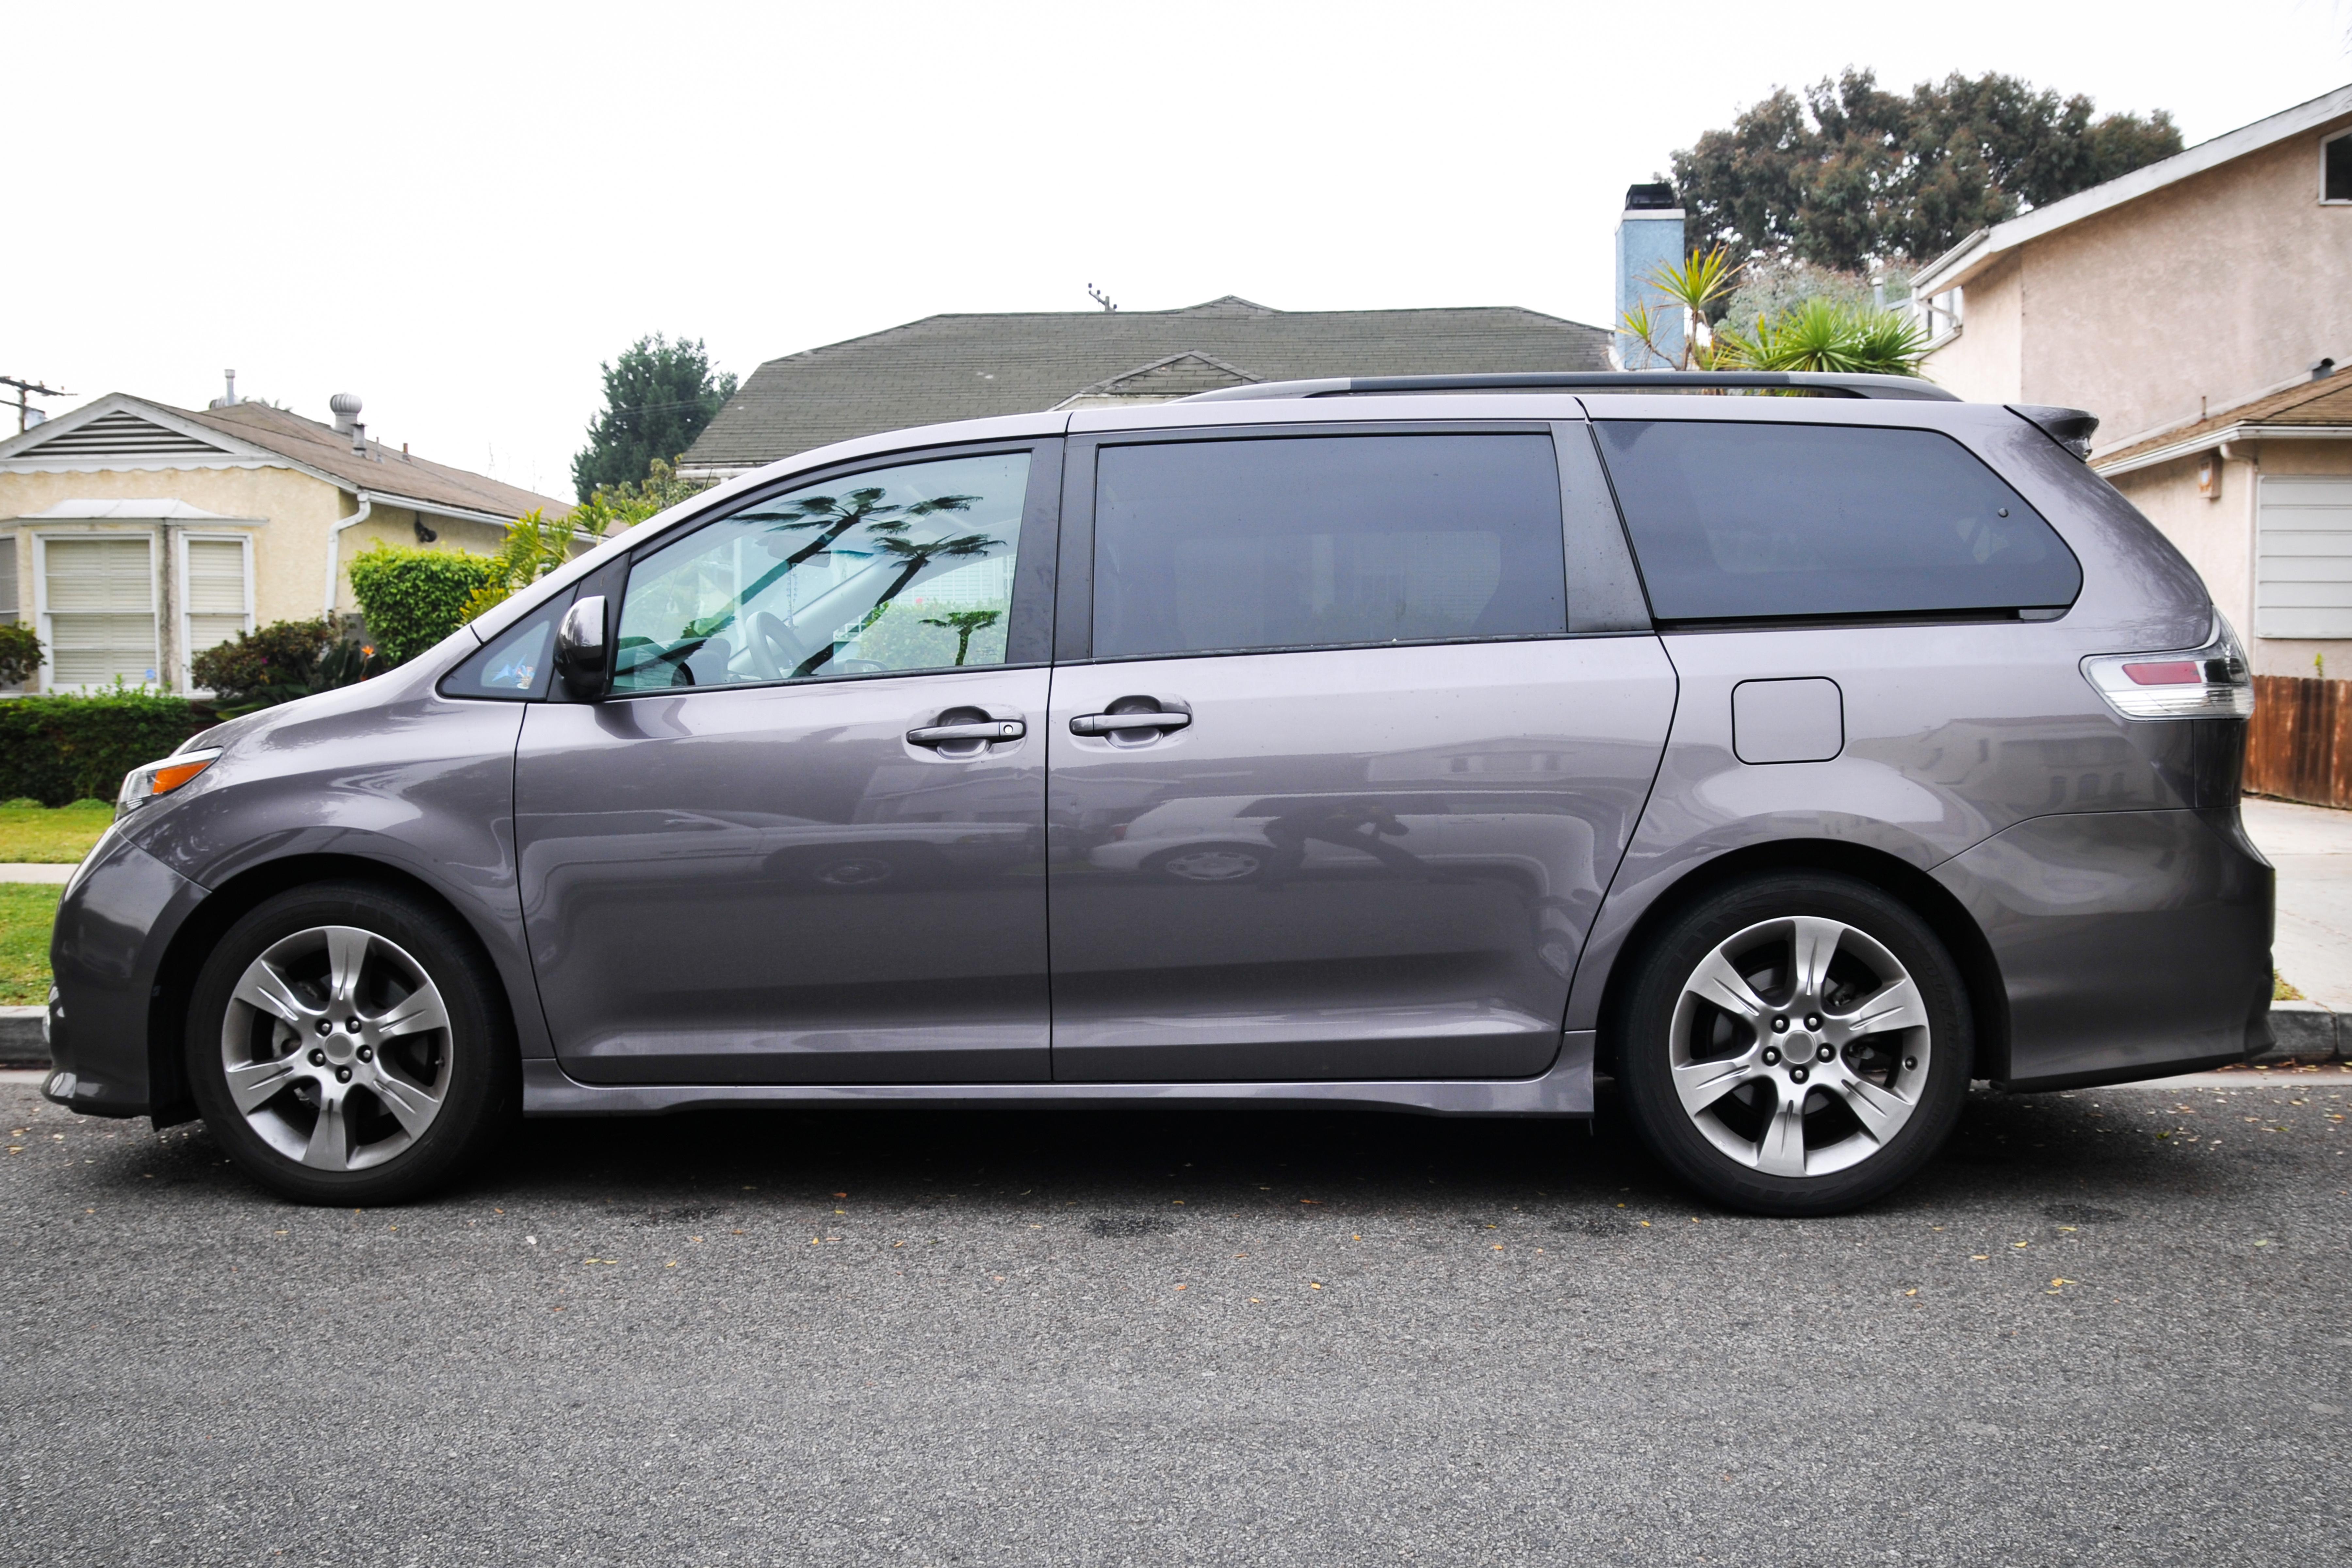 Which Minivans Seat 8 Passengers?